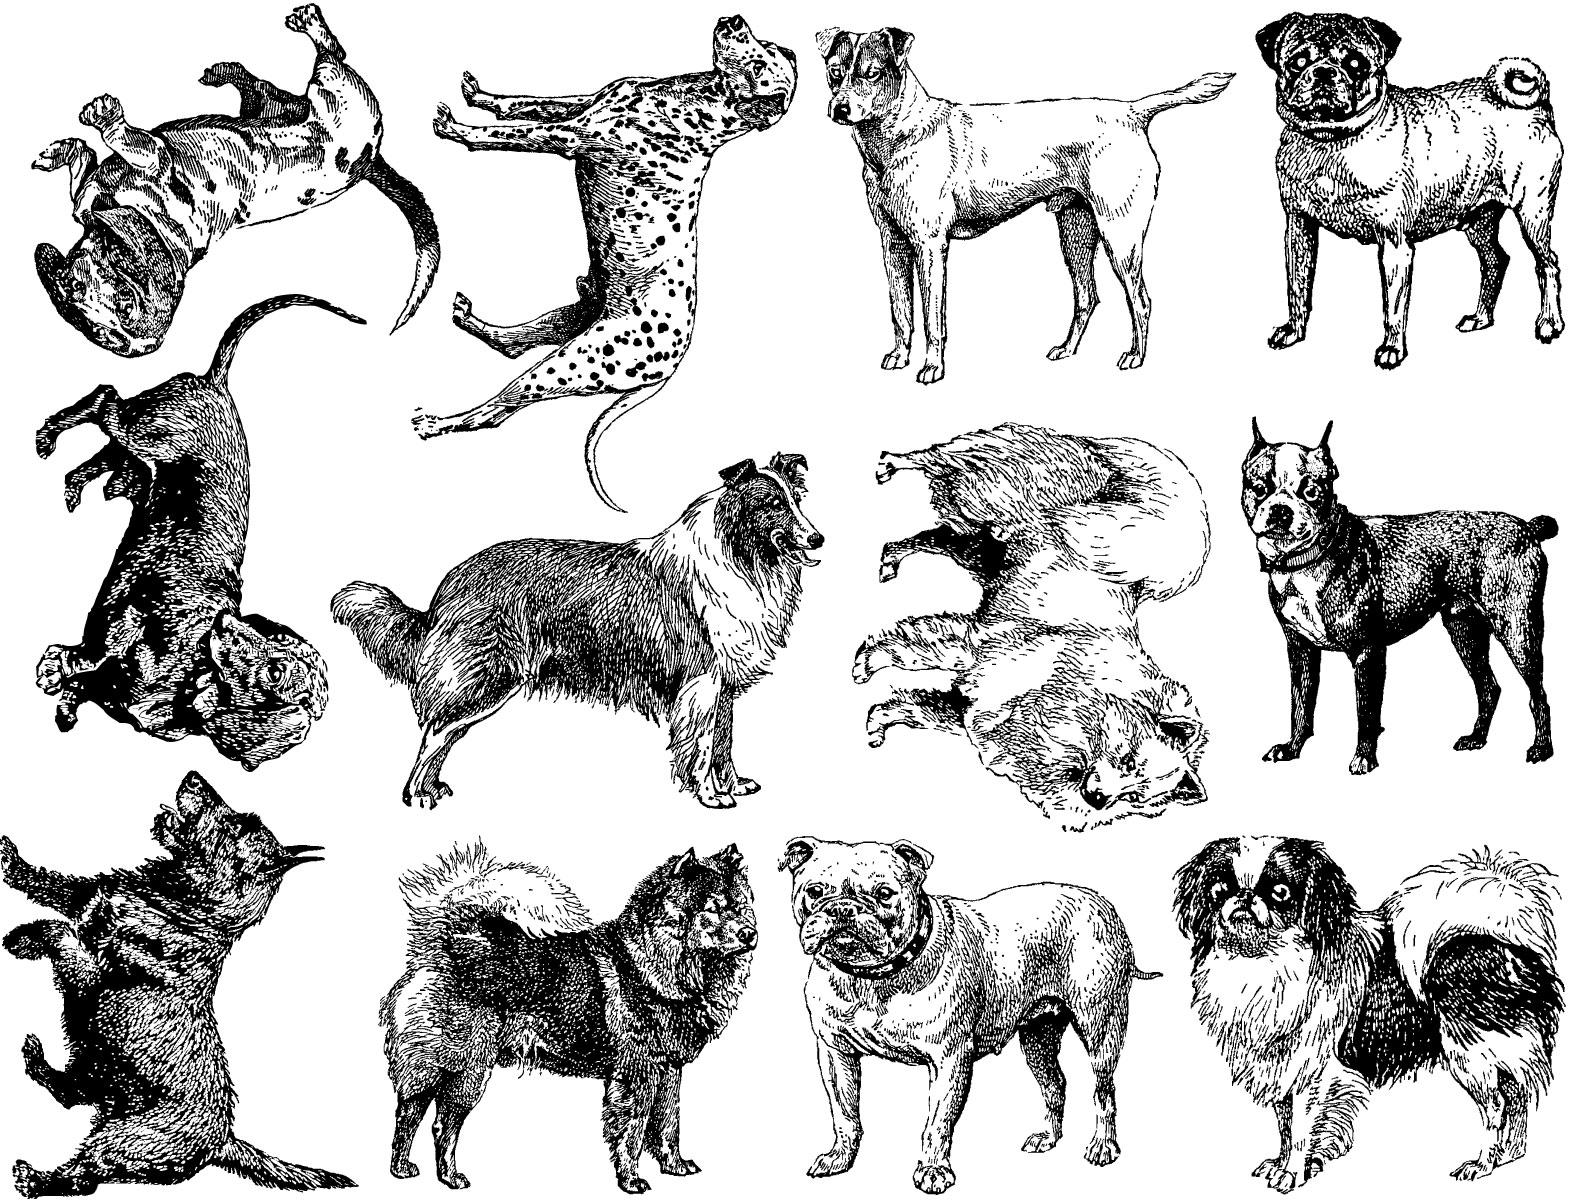 dog breeds ceramic decals food safe custom ceramic decals Kinds of Donkeys dog breeds ceramic decals food safe